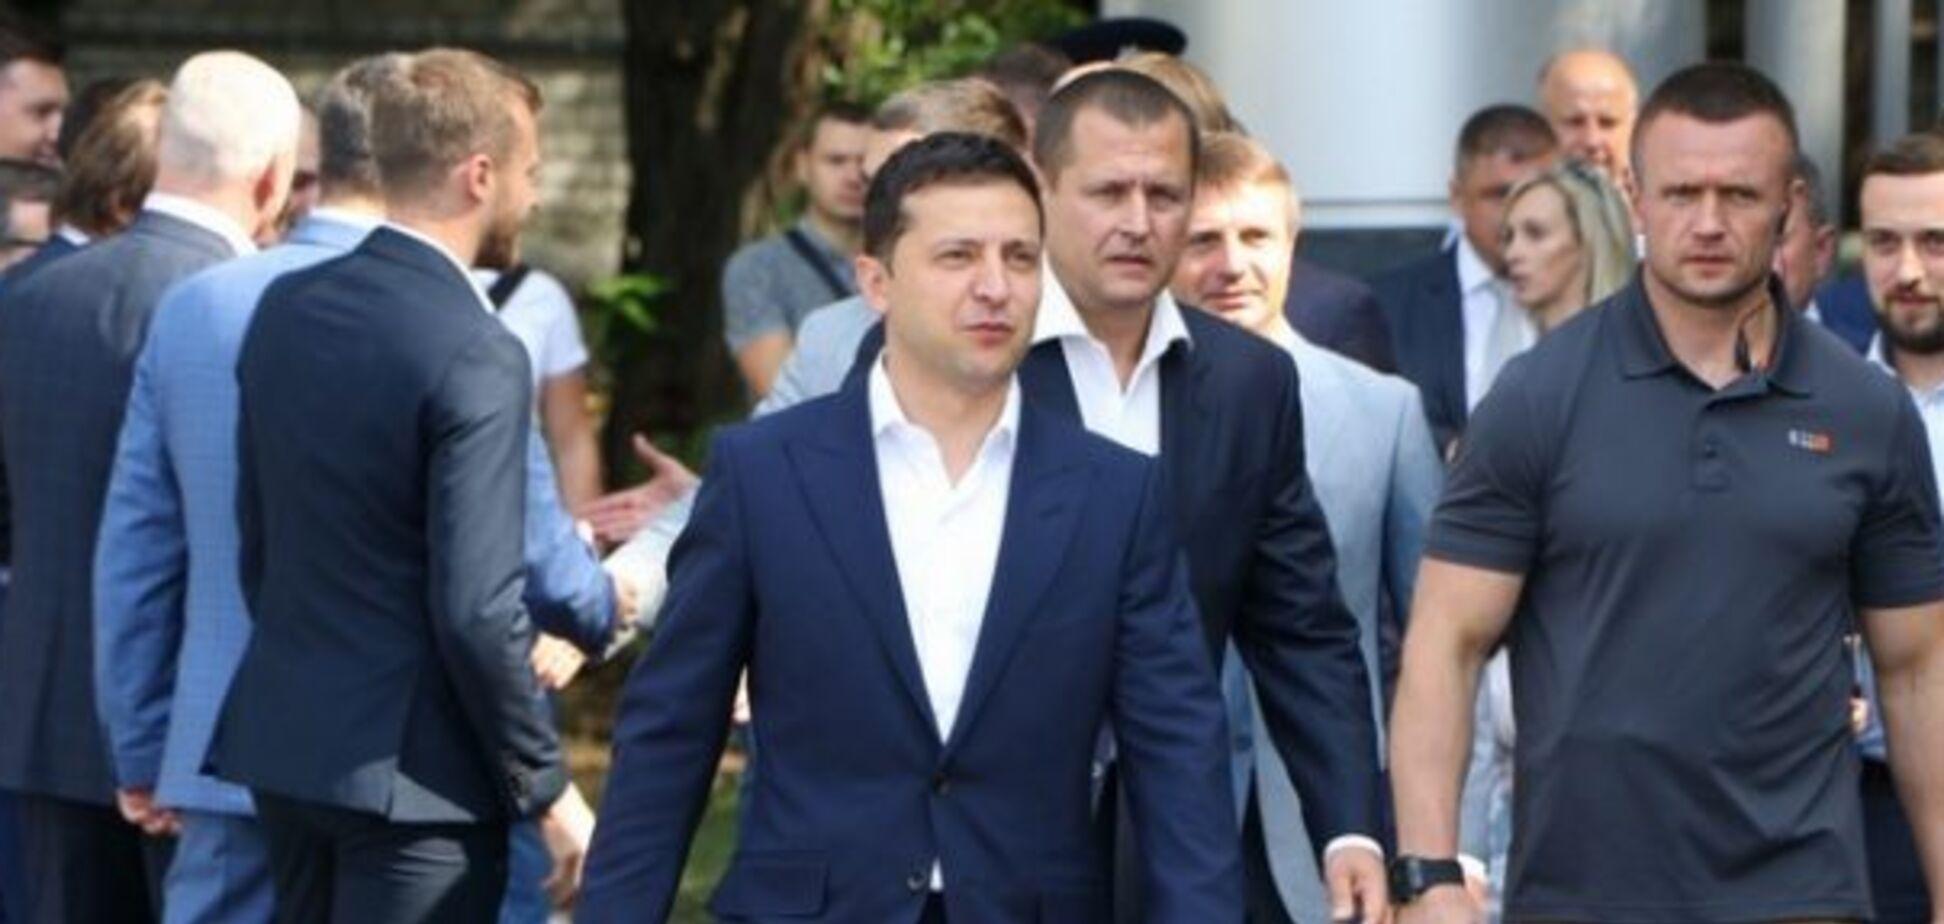 Зеленский приїхав у Дніпро: всі подробиці